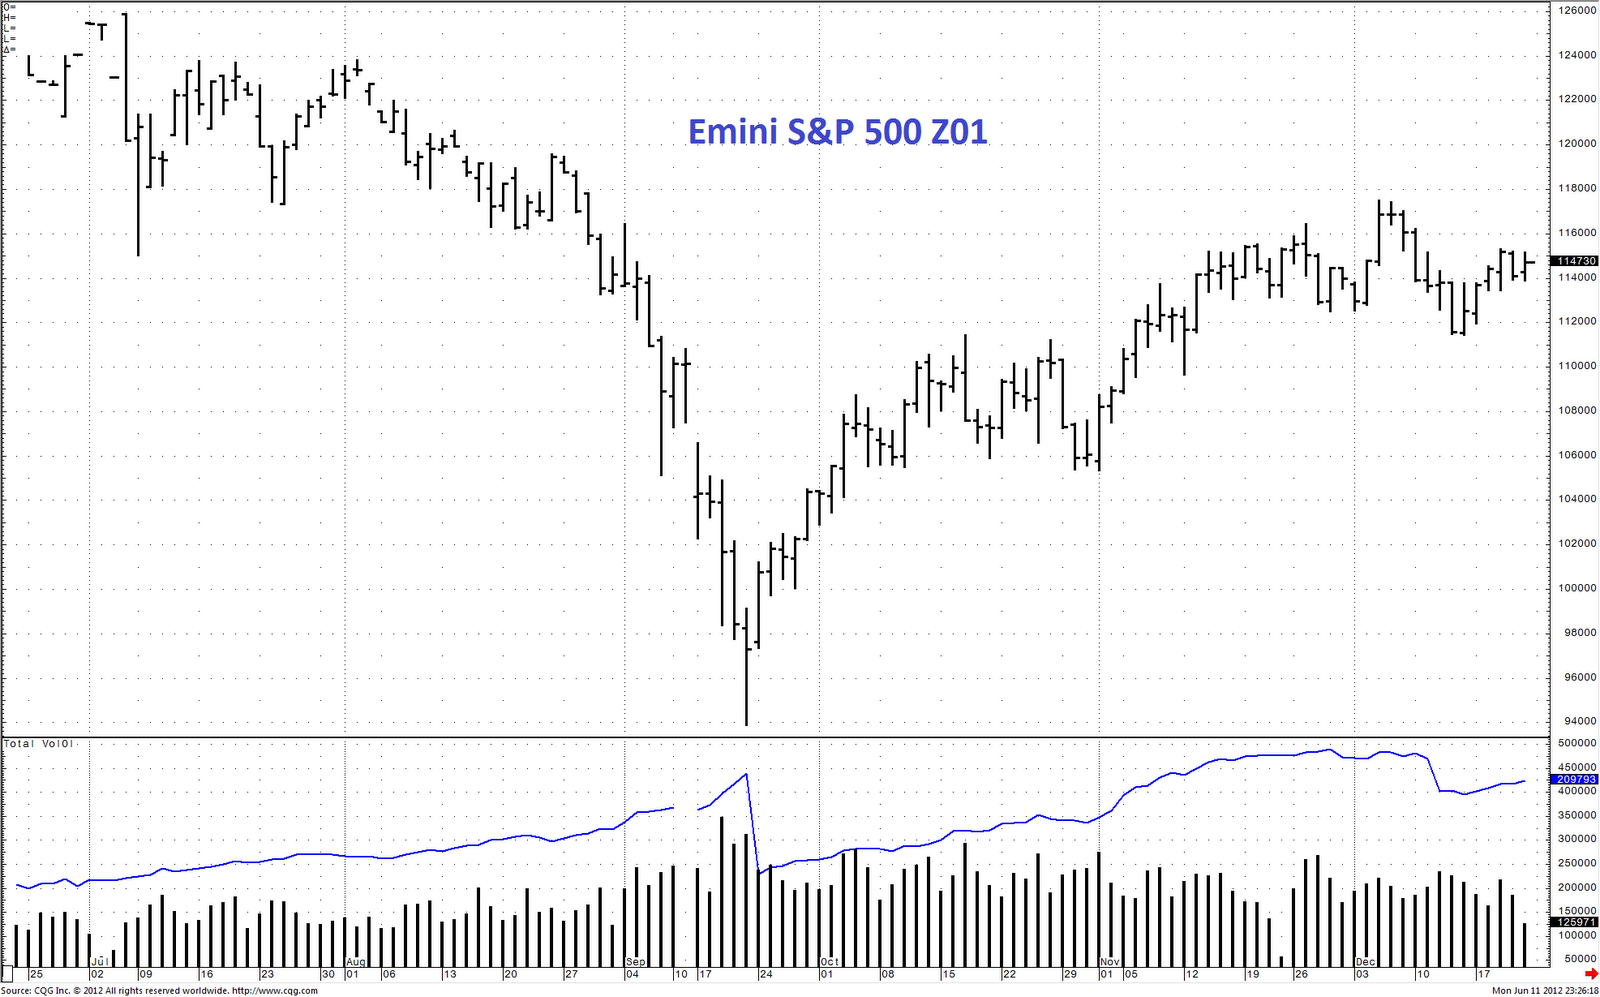 Charts 2001